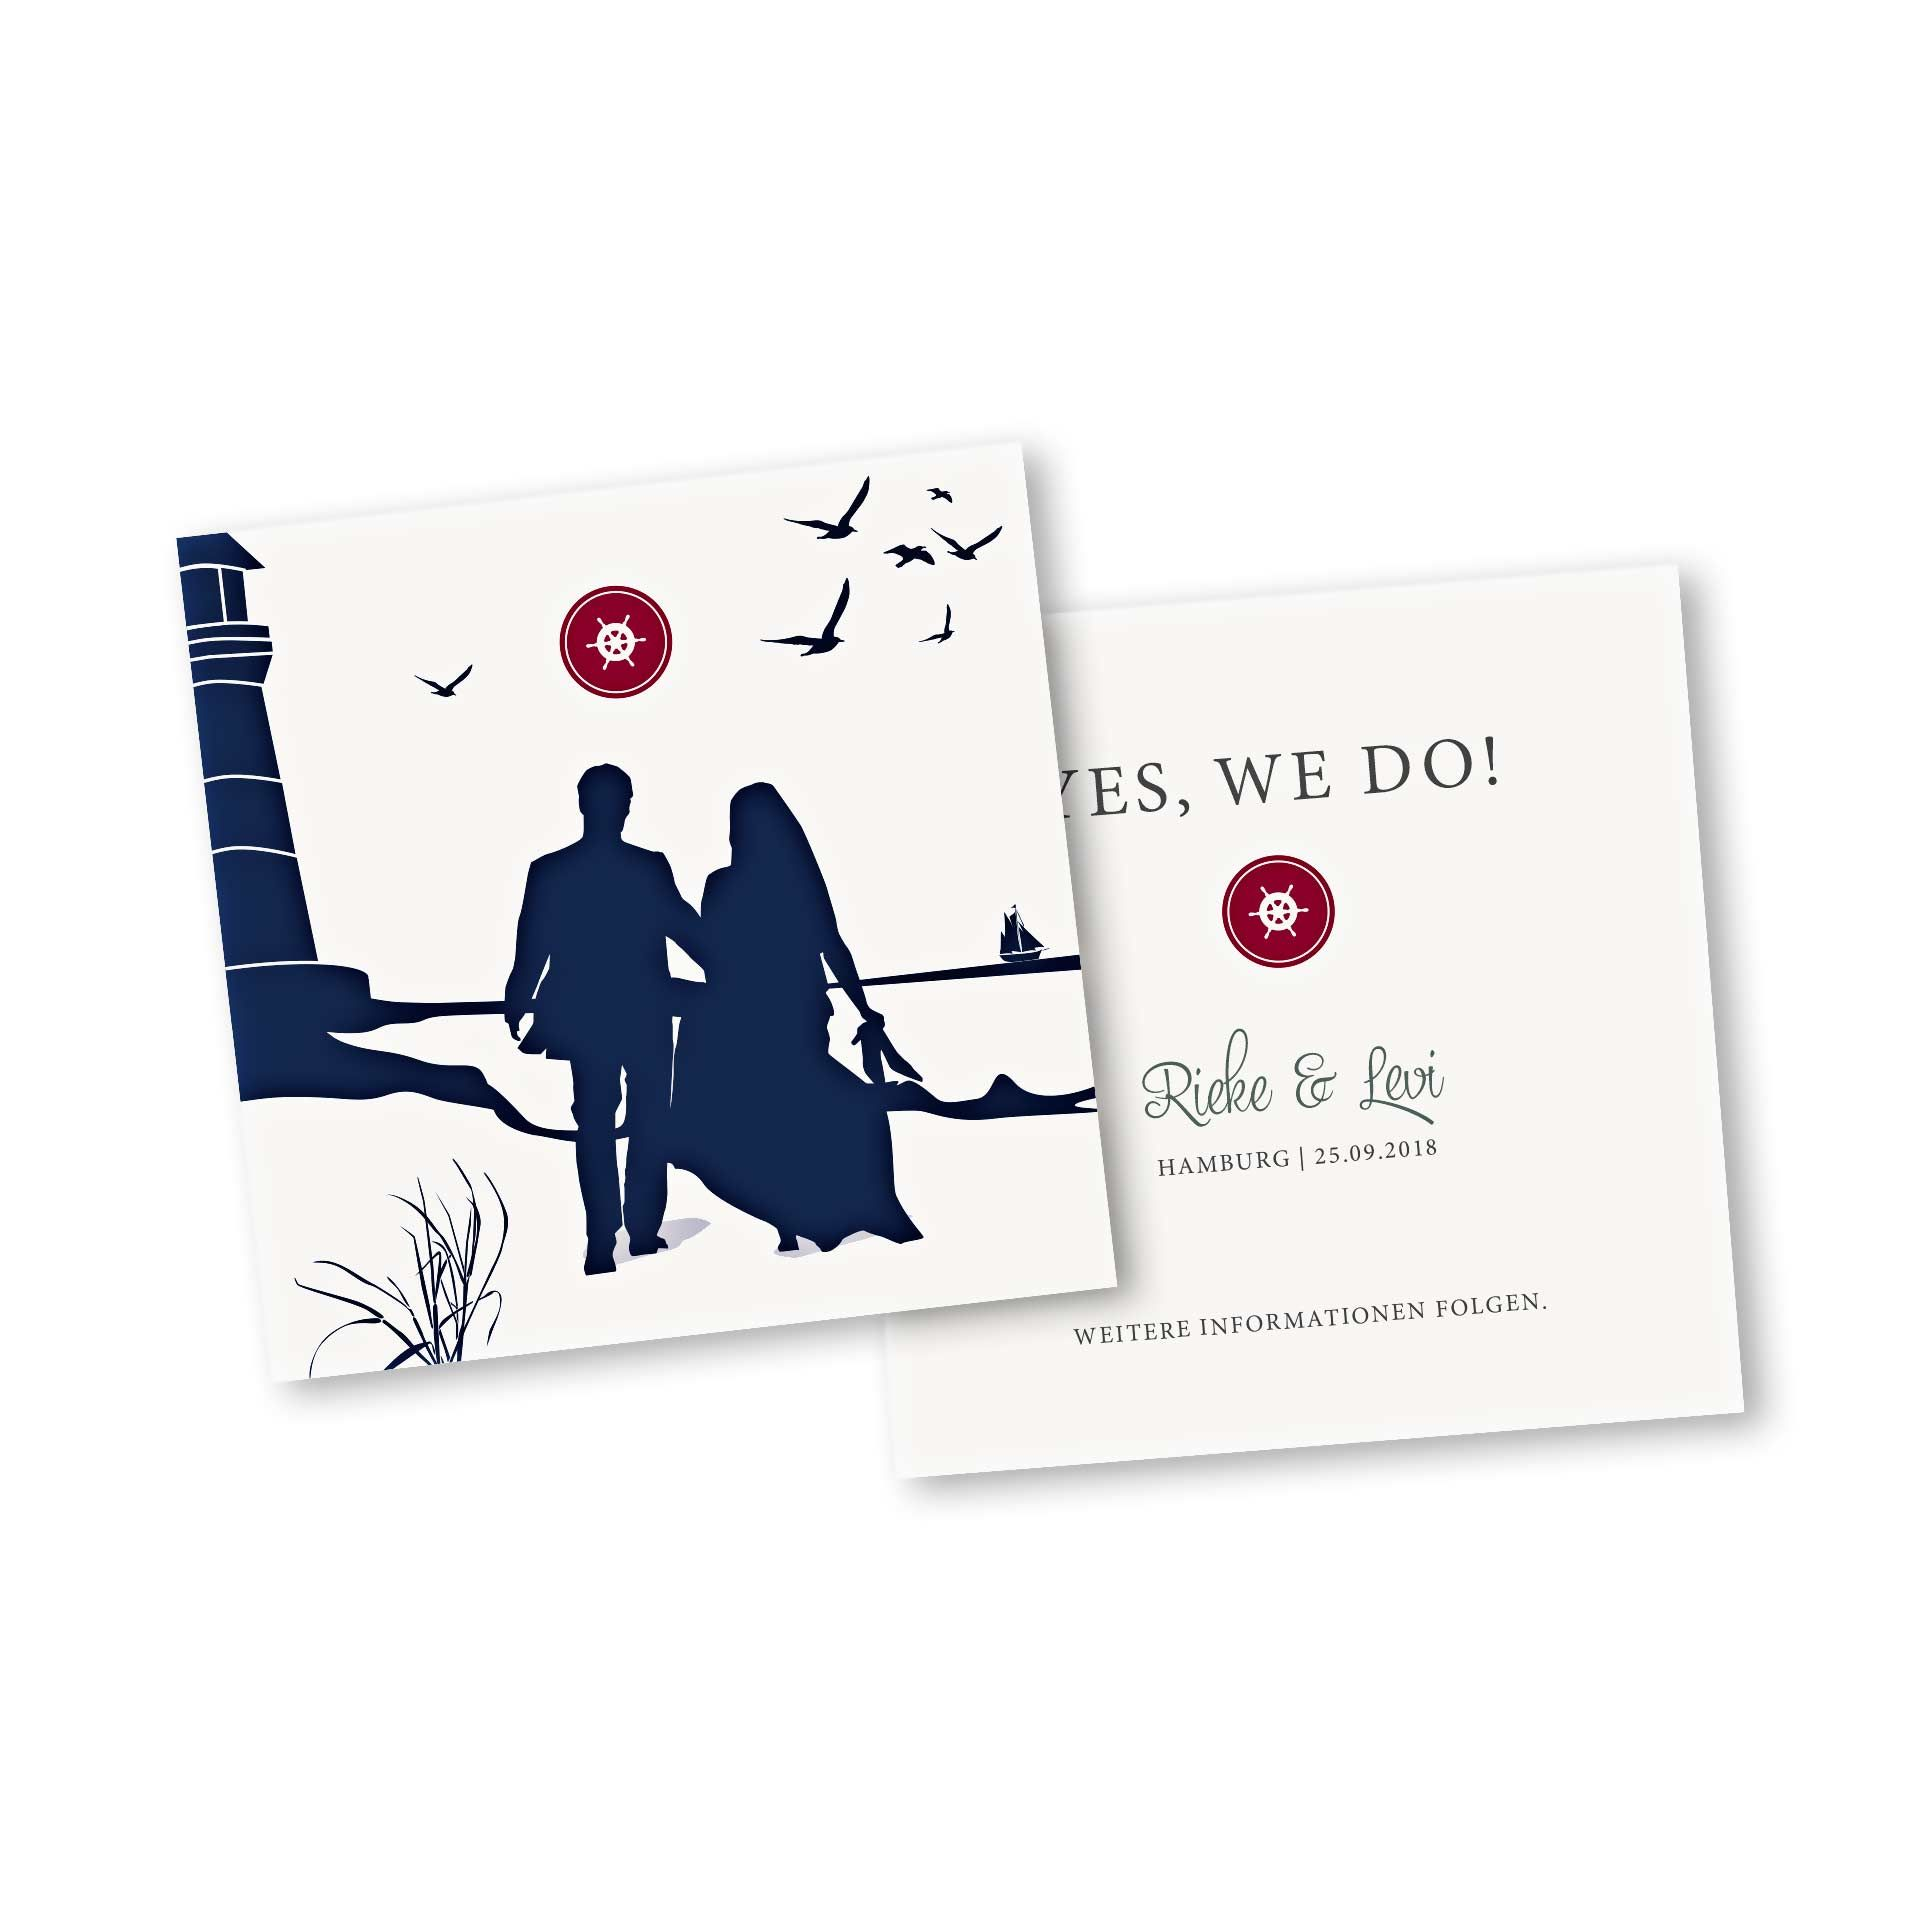 Einladungskarten Hochzeit Einladung Party Heirat Danksagung Save the date Karte